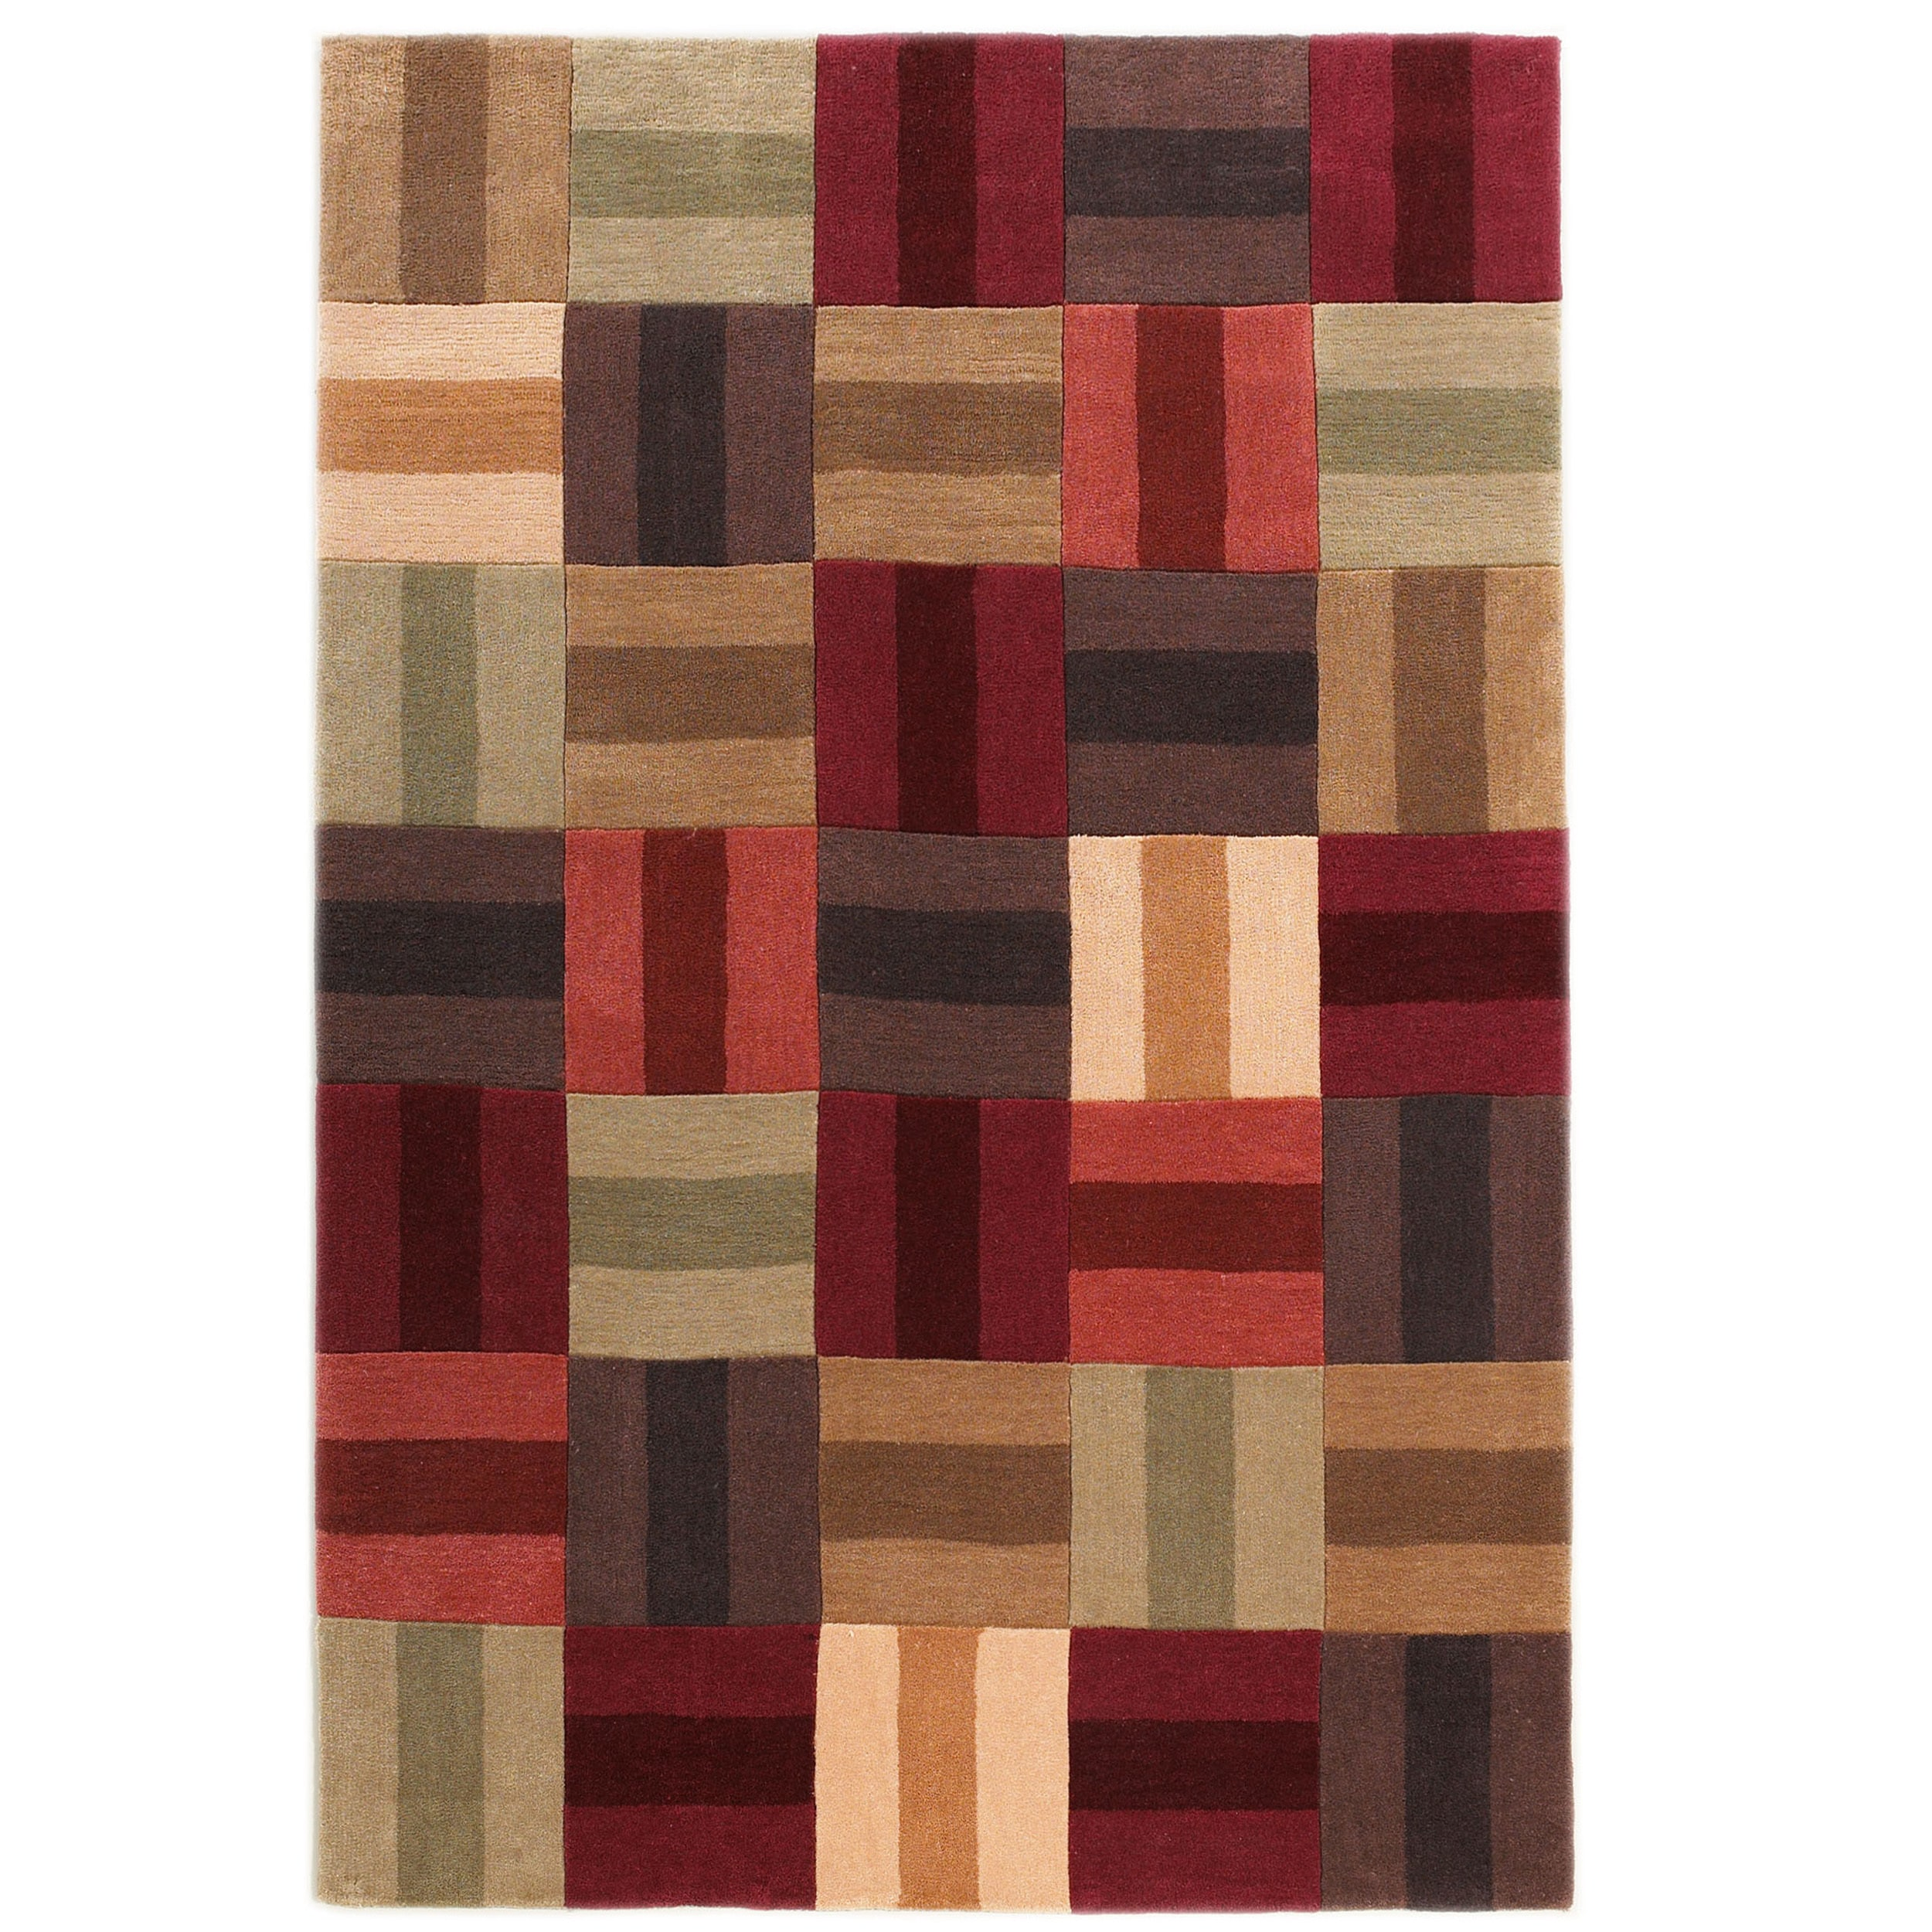 Linon Hand Tufted Trio Scotch Multi Rug (8' X 10') (Size)...